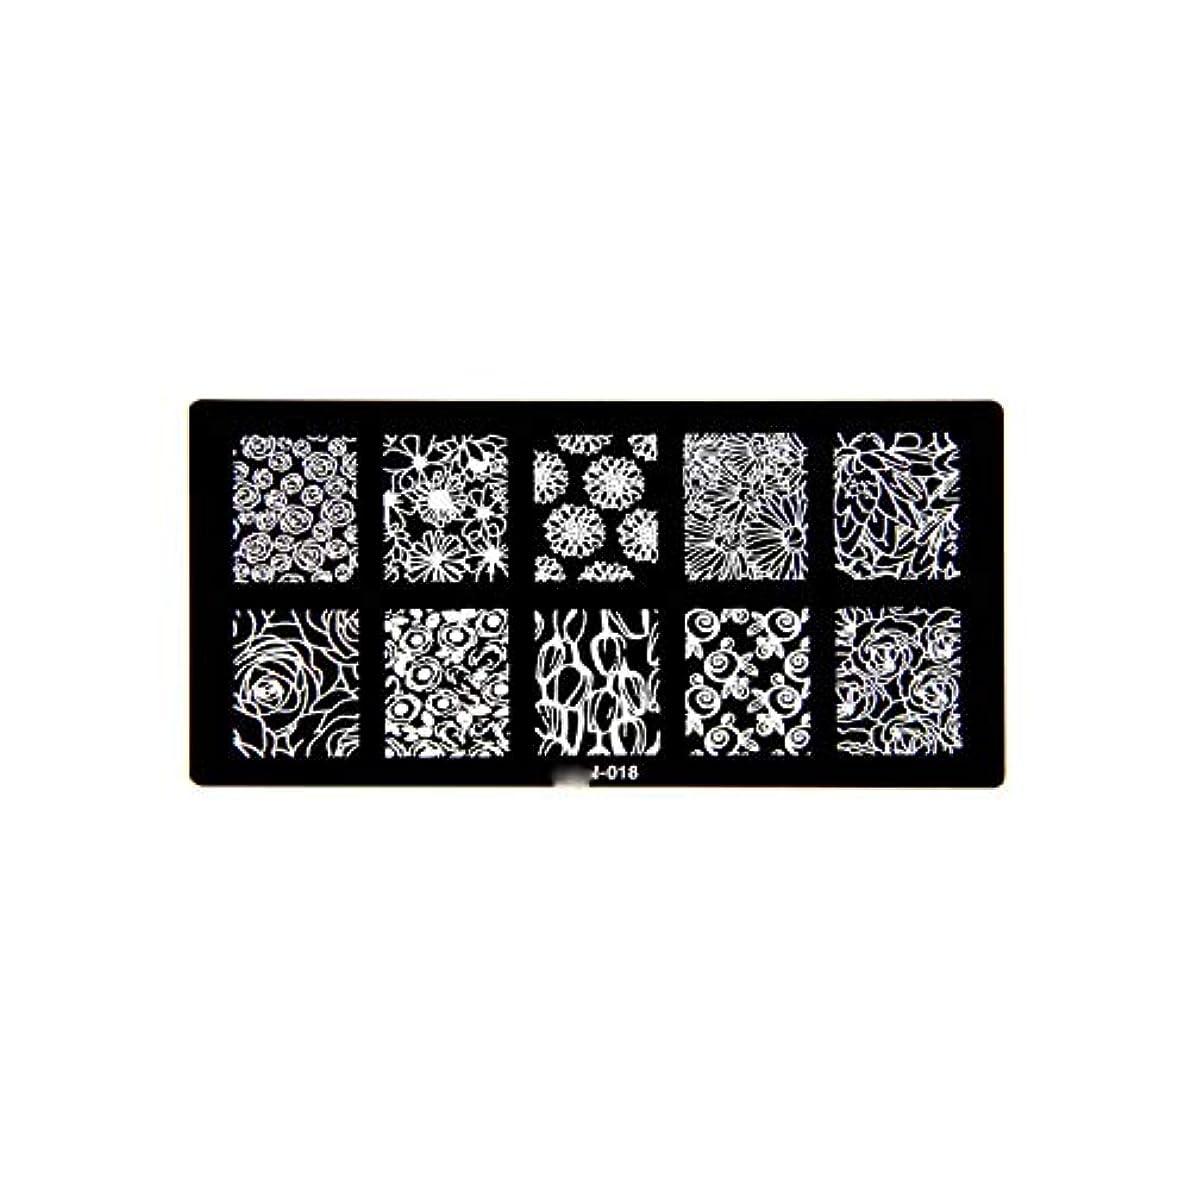 消防士商人格納1ピース6 * 12センチbcnシリーズネイルスタンピングプレート画像ネイルステンシル用ネイルアートスタンプマニキュアテンプレートツール,BCN018